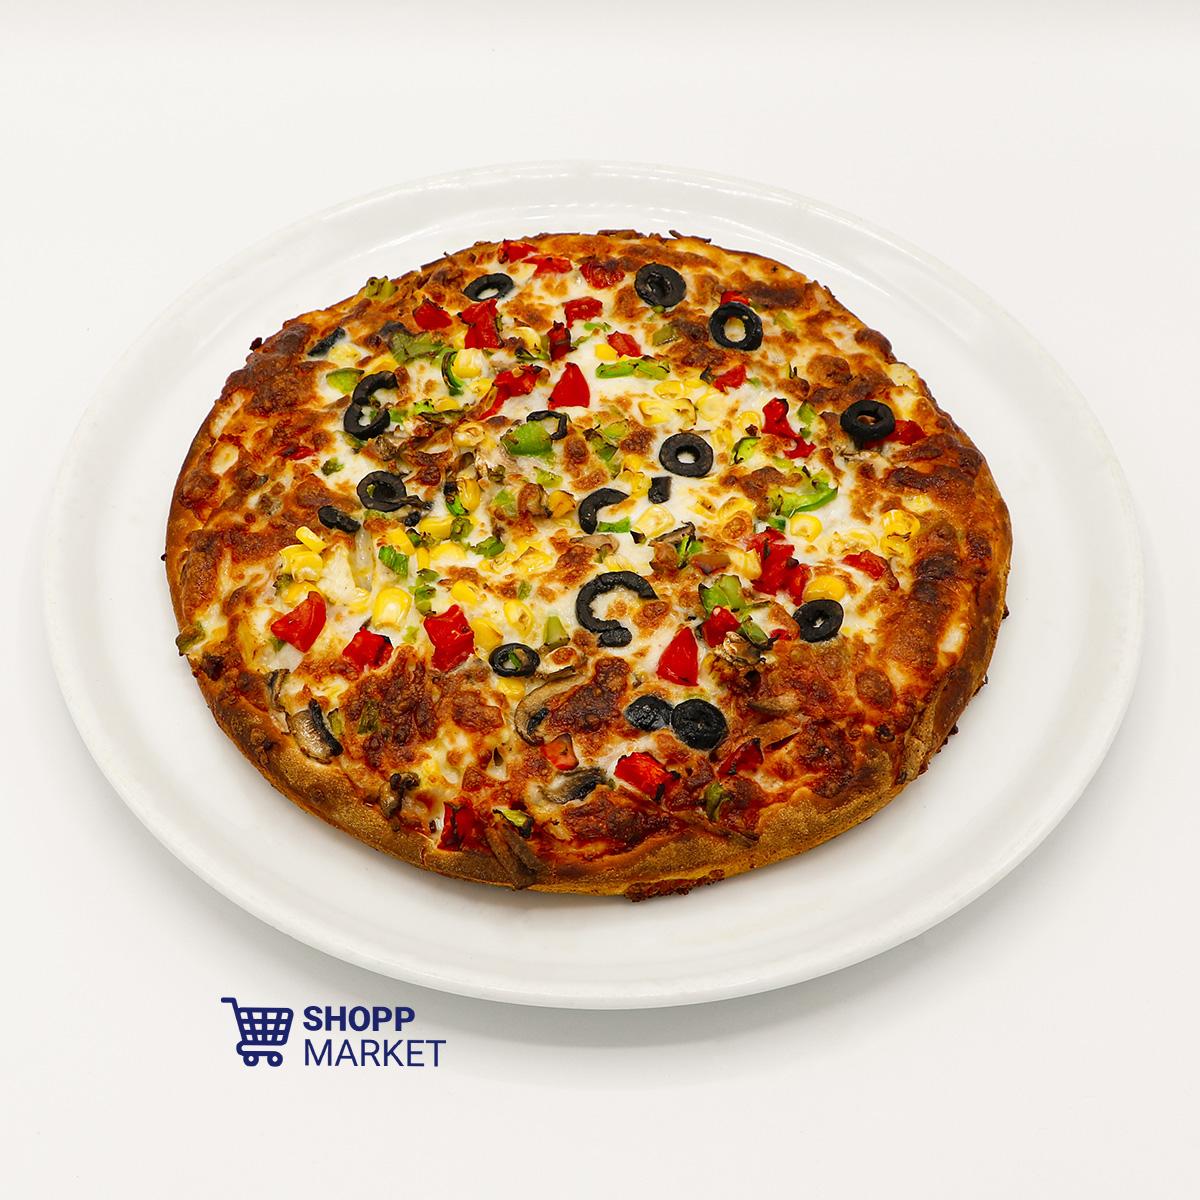 پیتزا میکس ویژه یک نفره